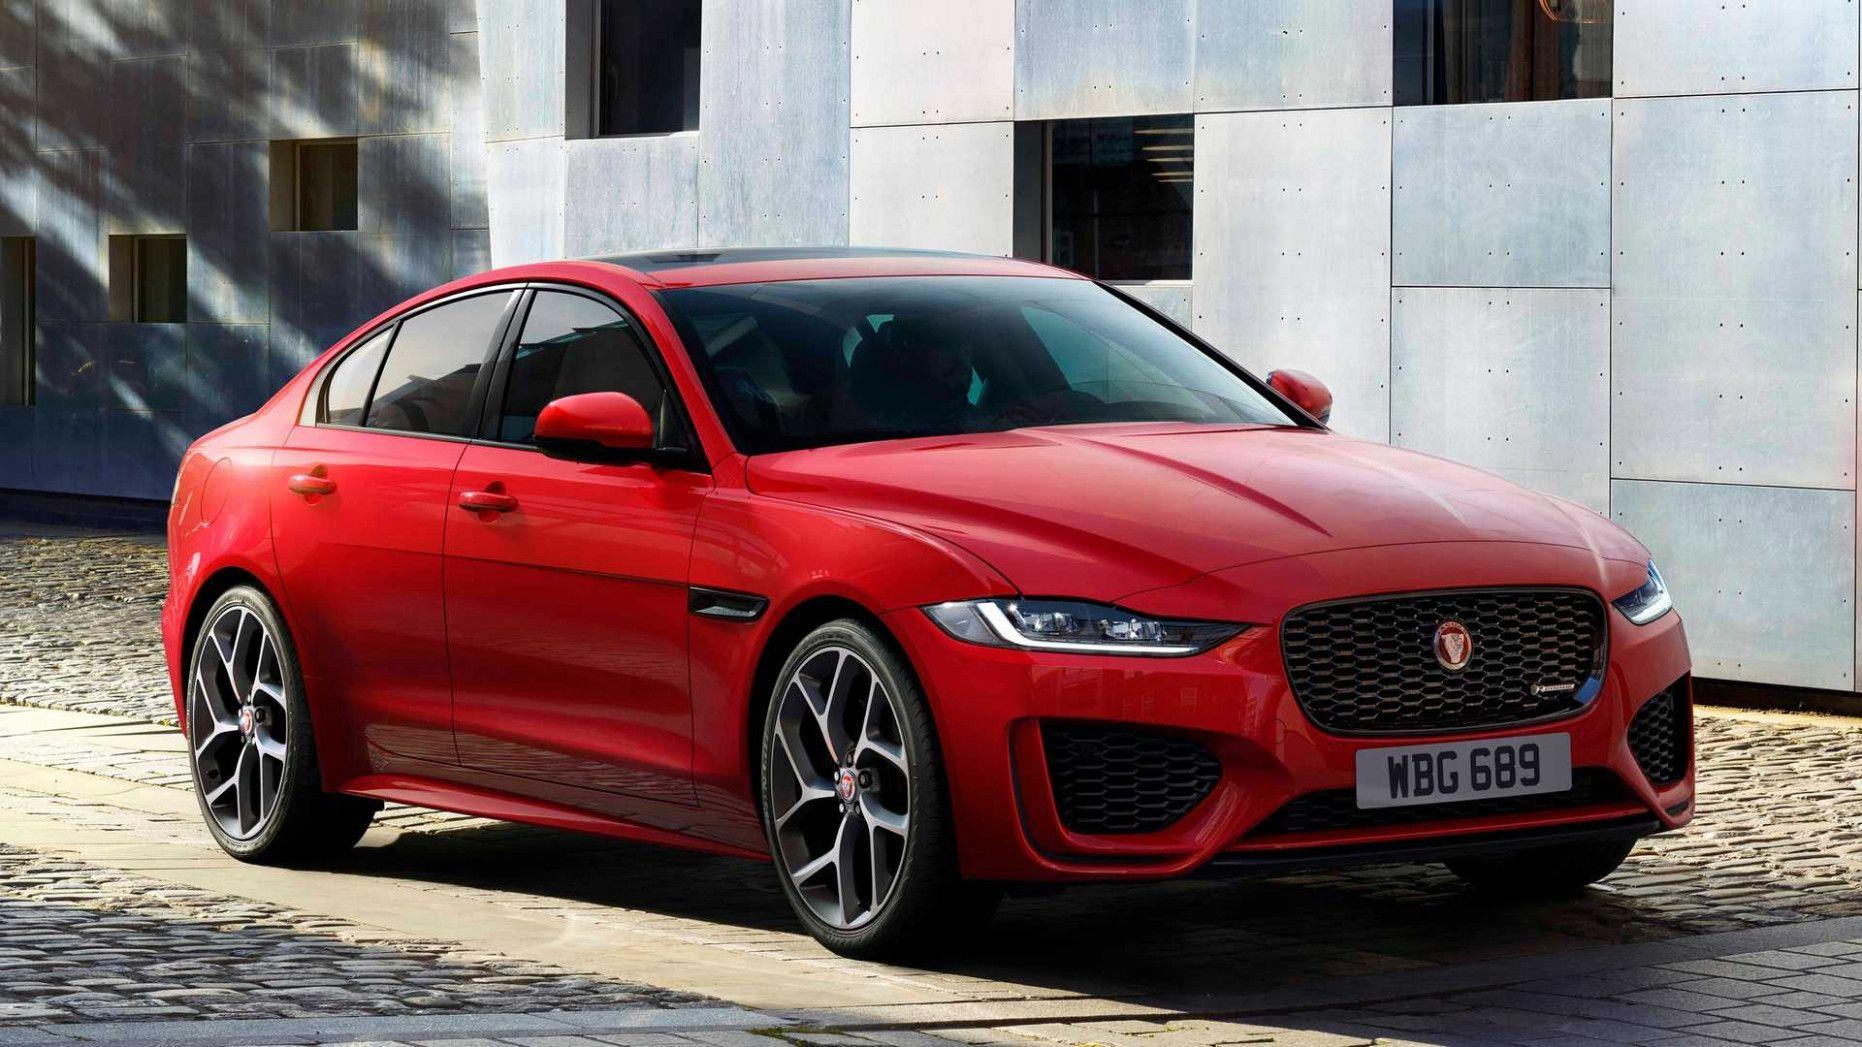 2020 Jaguar Hatchback New Review 2020 Car Reviews